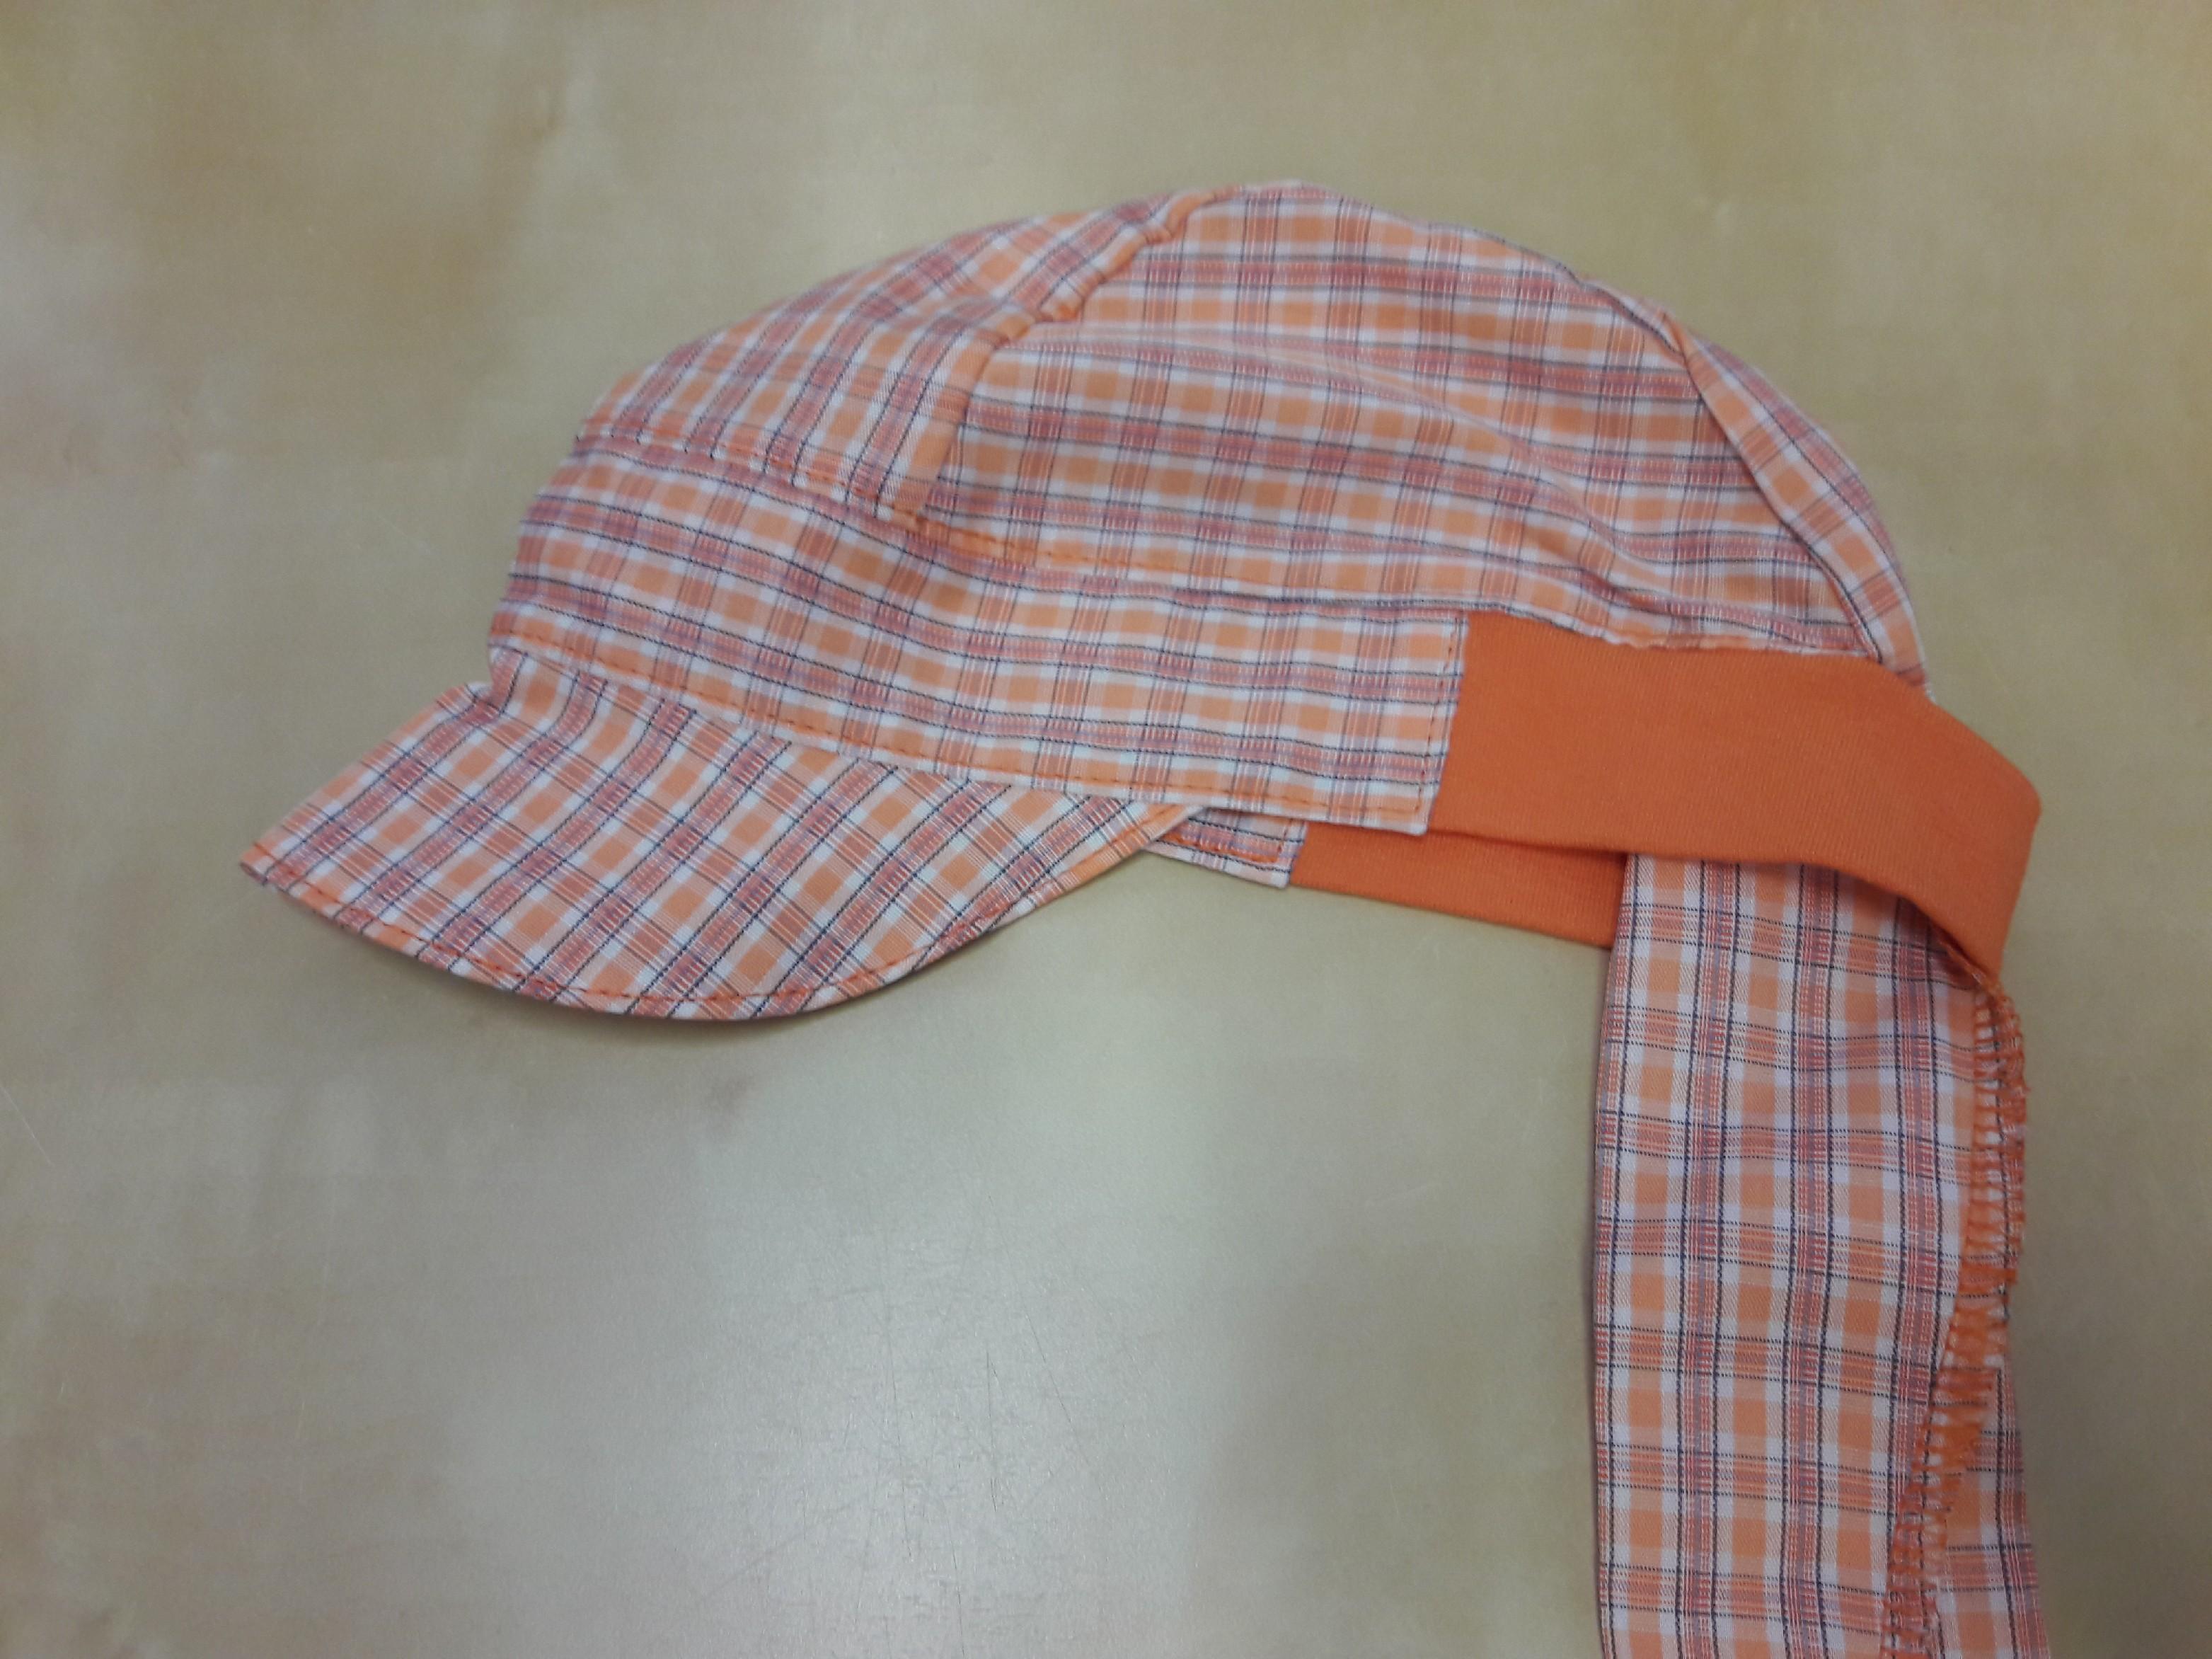 9e0edf397fe Fantom ČR Pirátský šátek s kšiltem Fantom Velikost a vzor  42-44 - oranžová